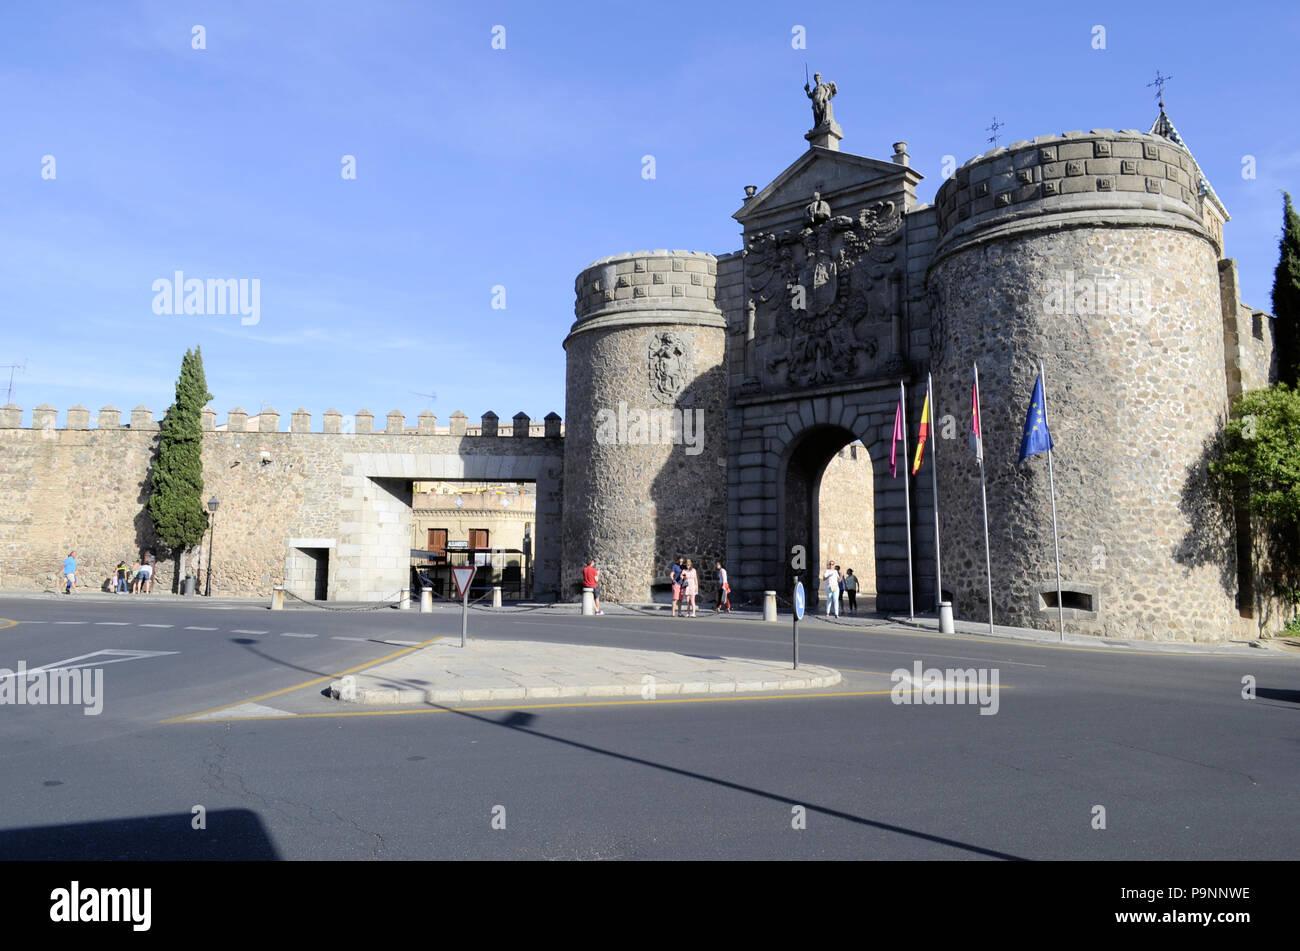 The 'new' Puerta de Bisagra, Toledo, Spain. - Stock Image